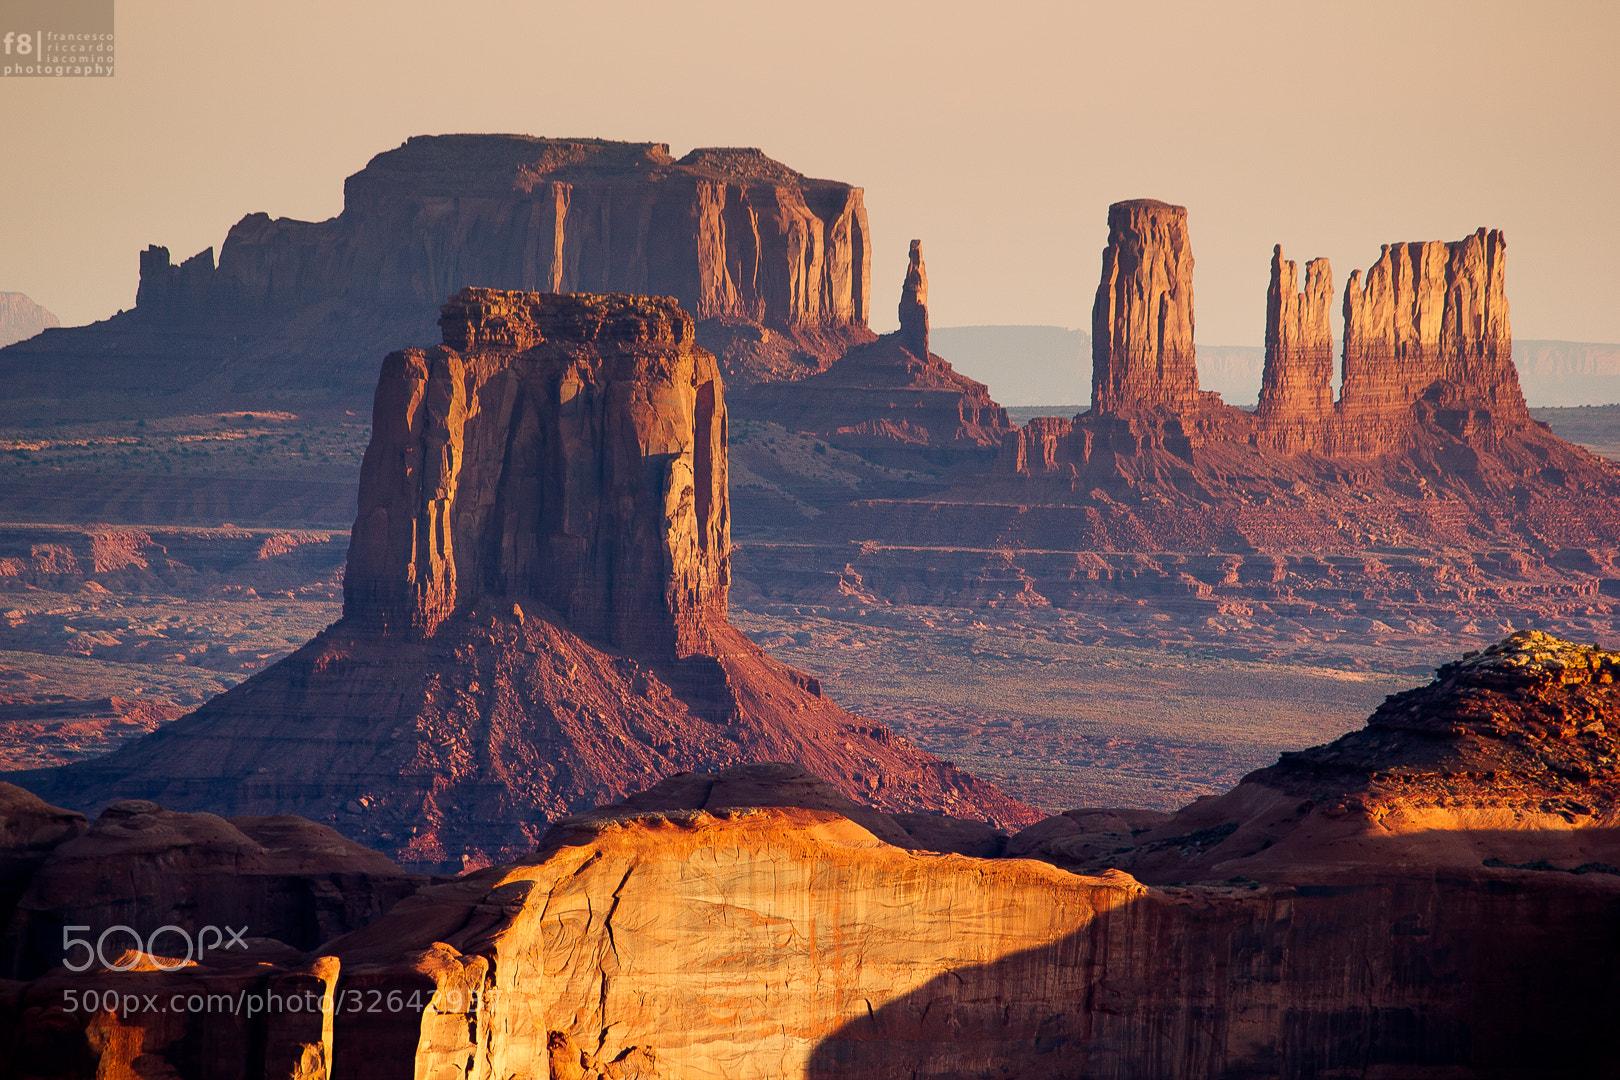 Photograph Far West by Francesco Riccardo Iacomino on 500px